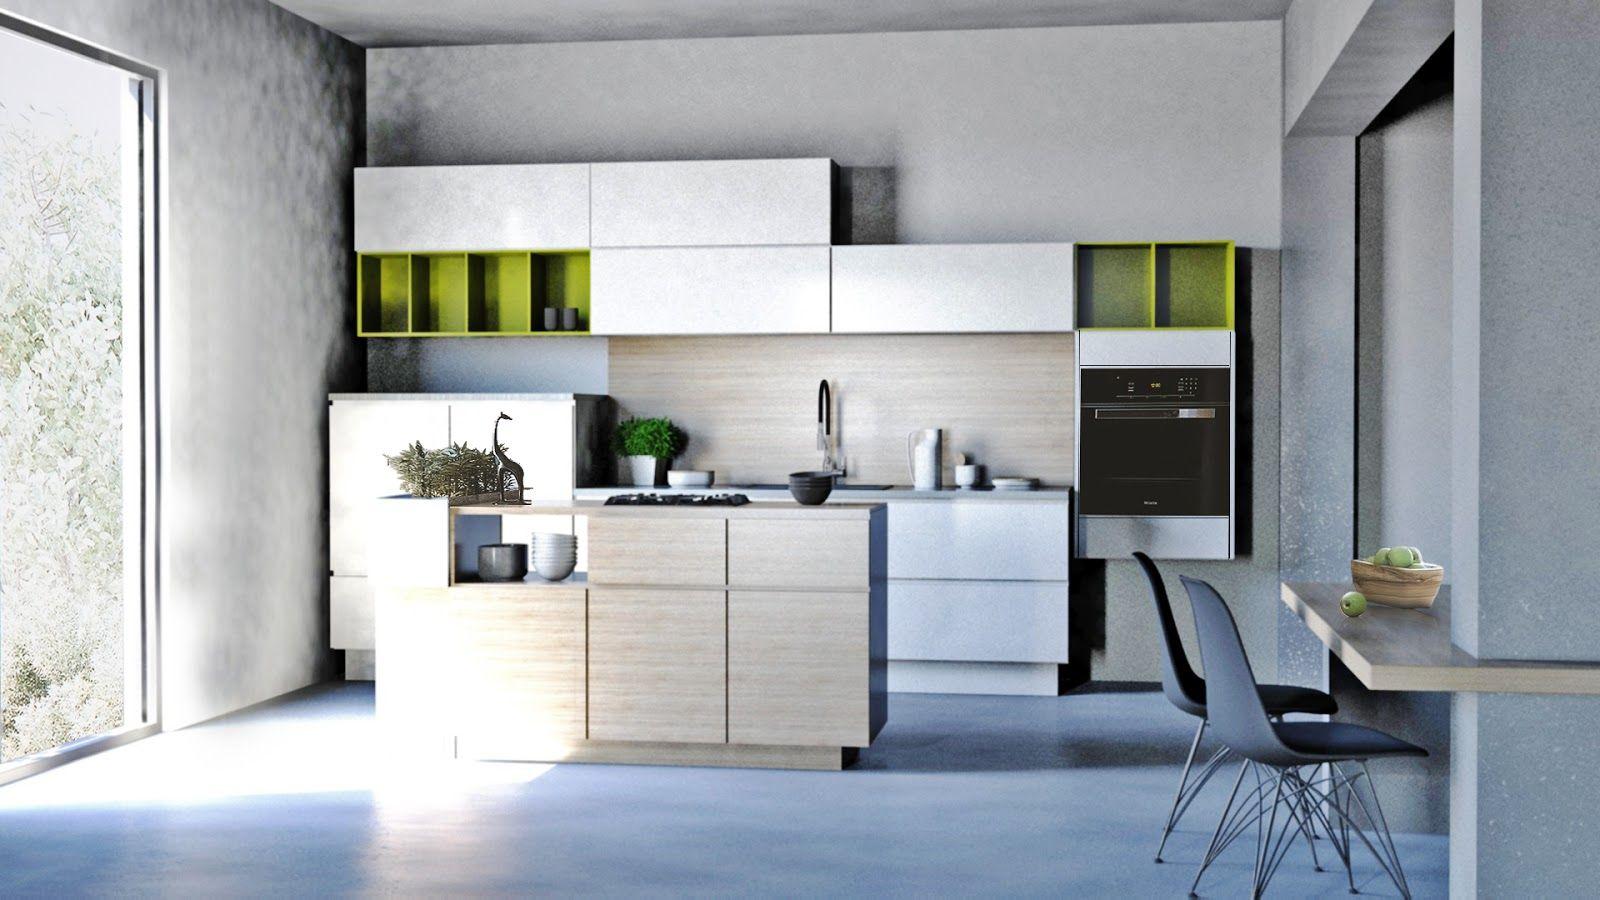 Allwood kitchen design New kitchen design rendering Oct